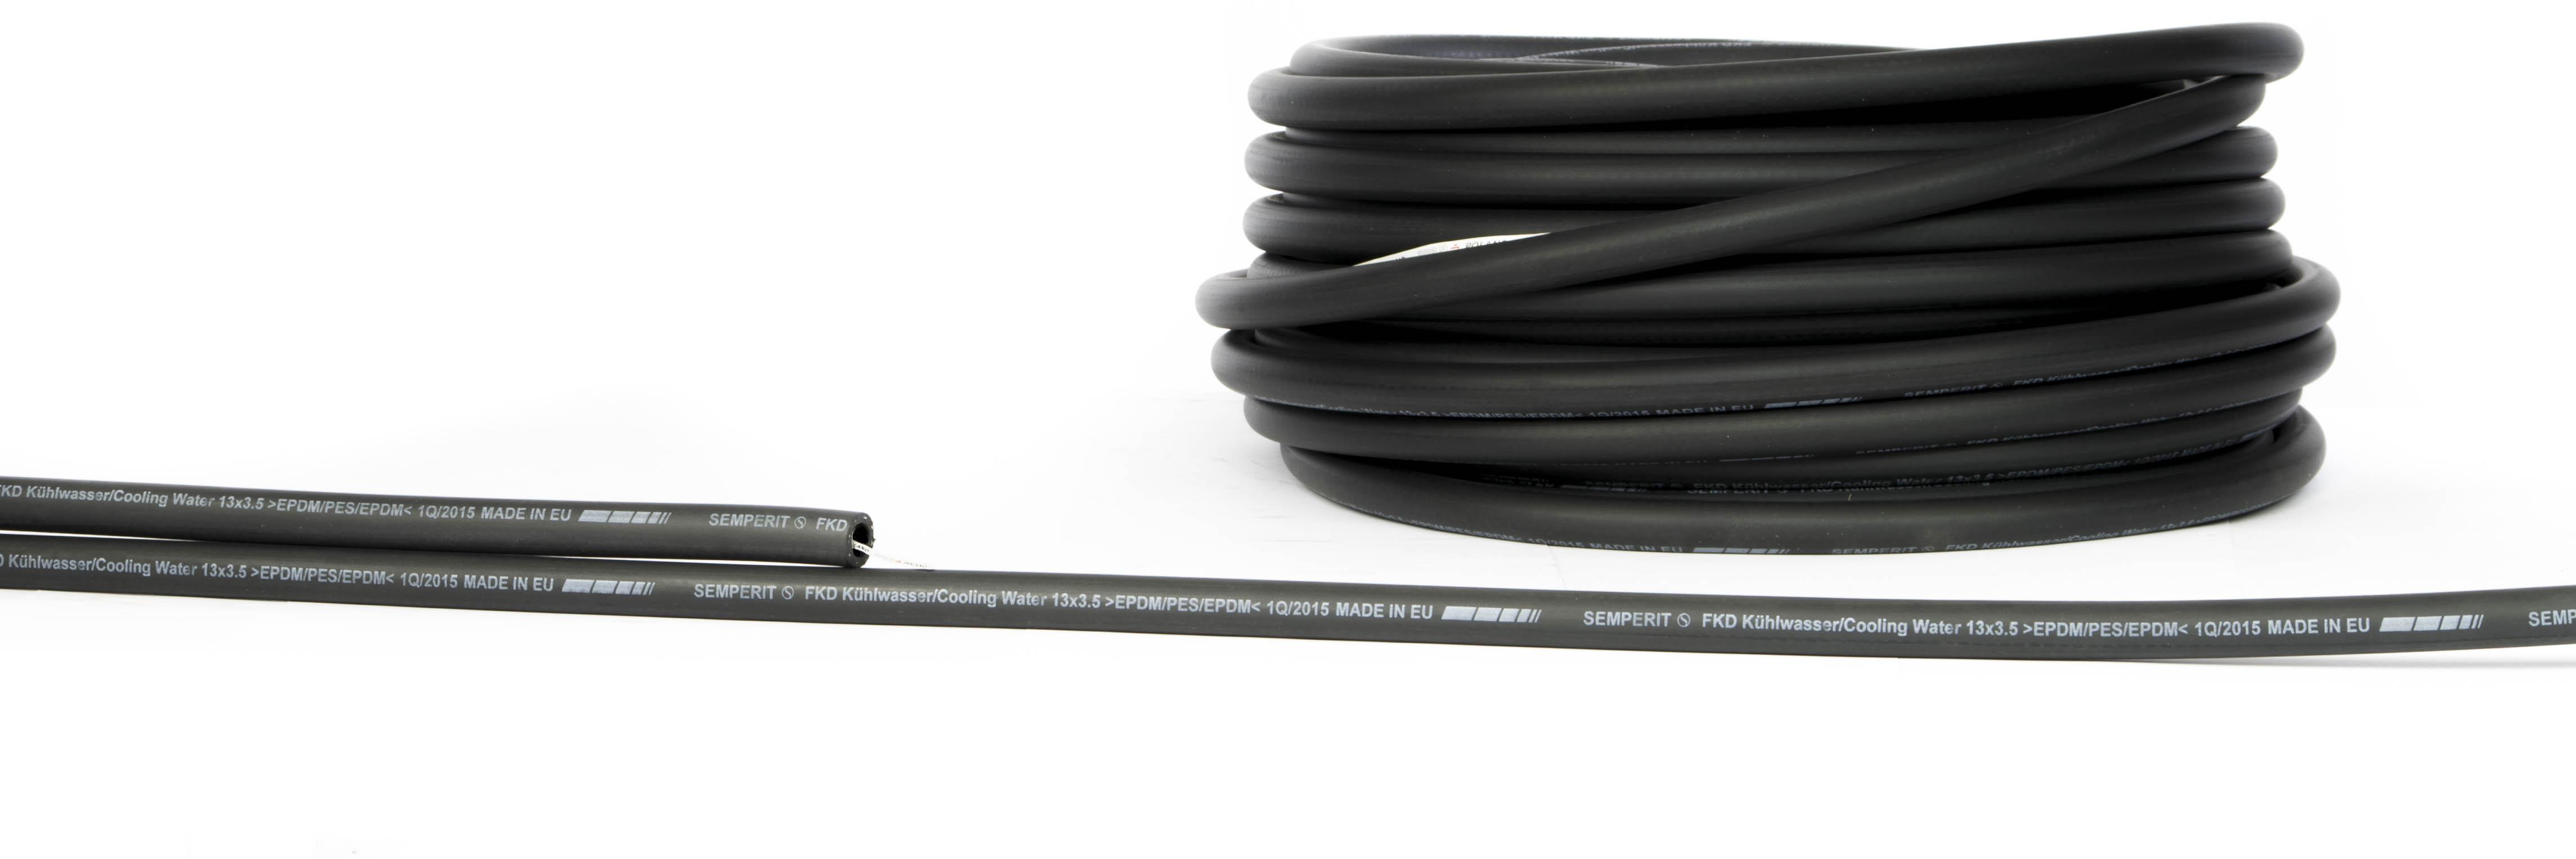 Wąż przemysłowy do gorącej wody, wąż do układów chłodzenia FKD-R semperit